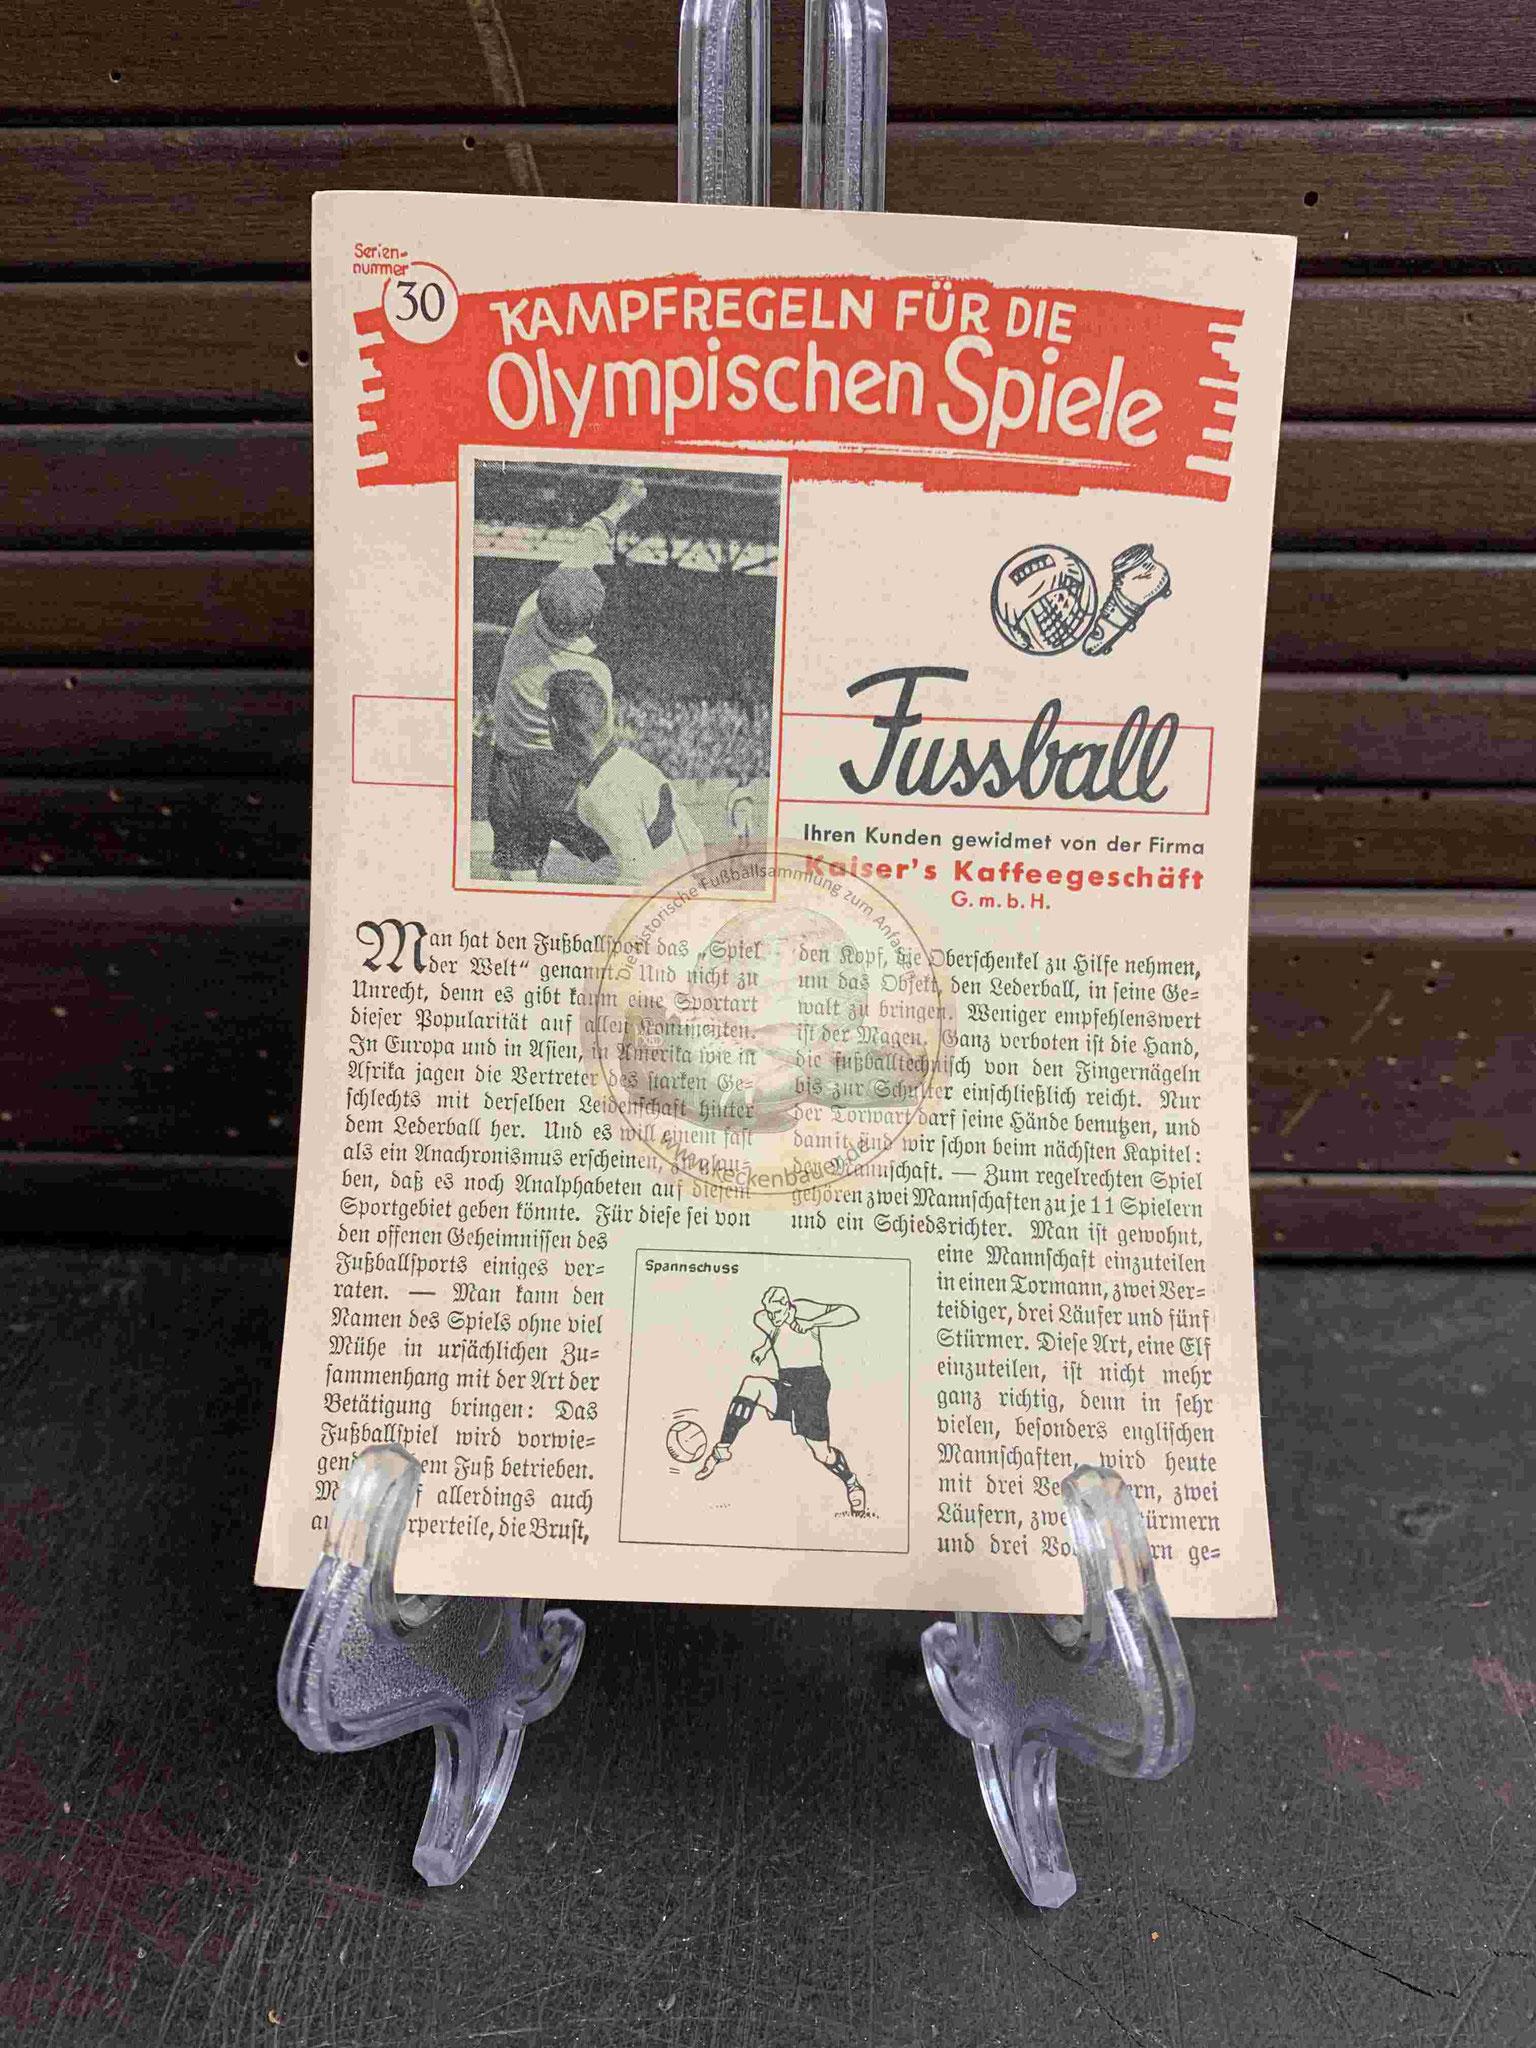 Kampfregeln für die Olympischen Spiele aus dem Jahr 1936